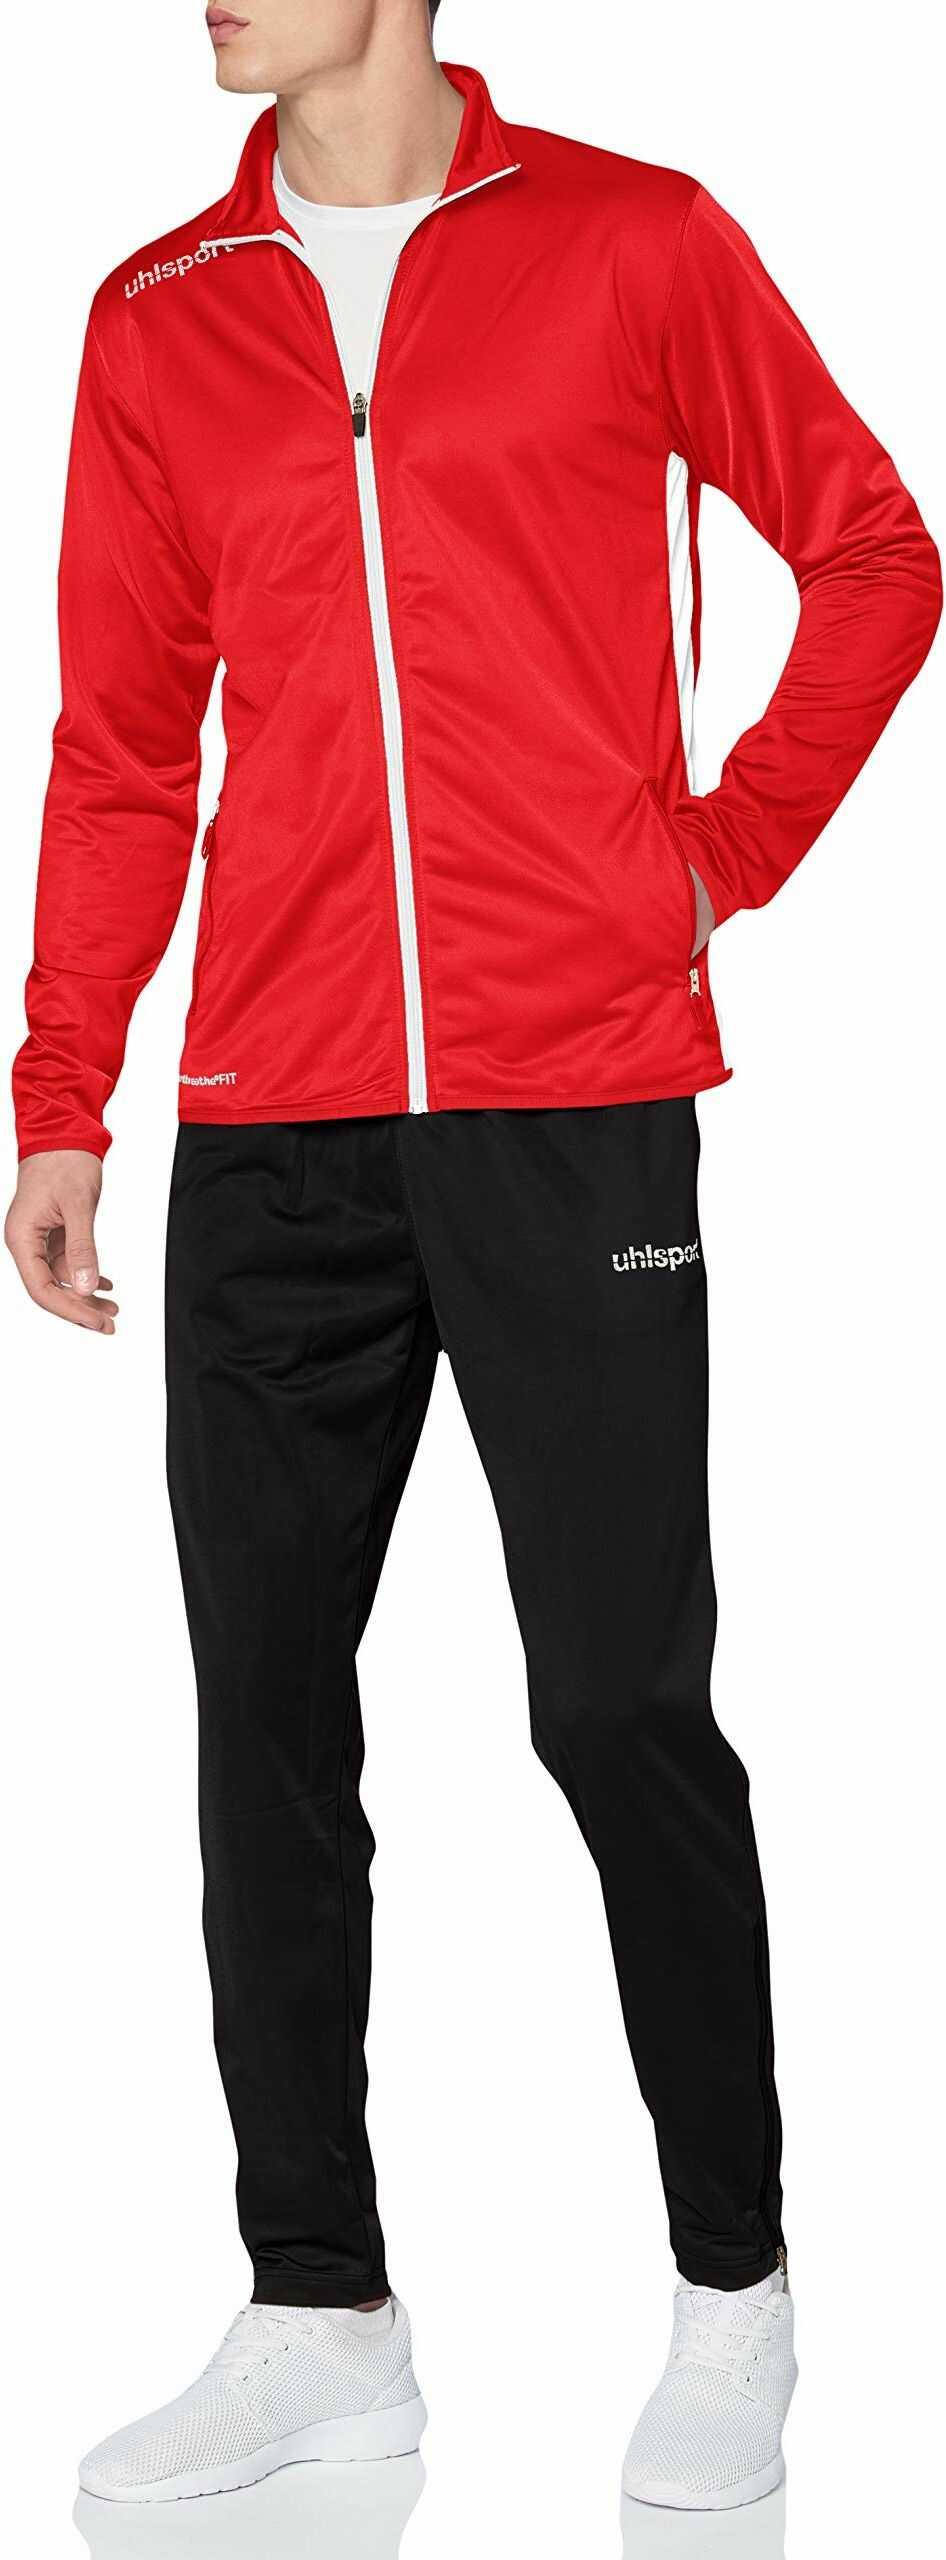 Uhlsport Essential Classic garnitur, męski, czerwony/biały, S